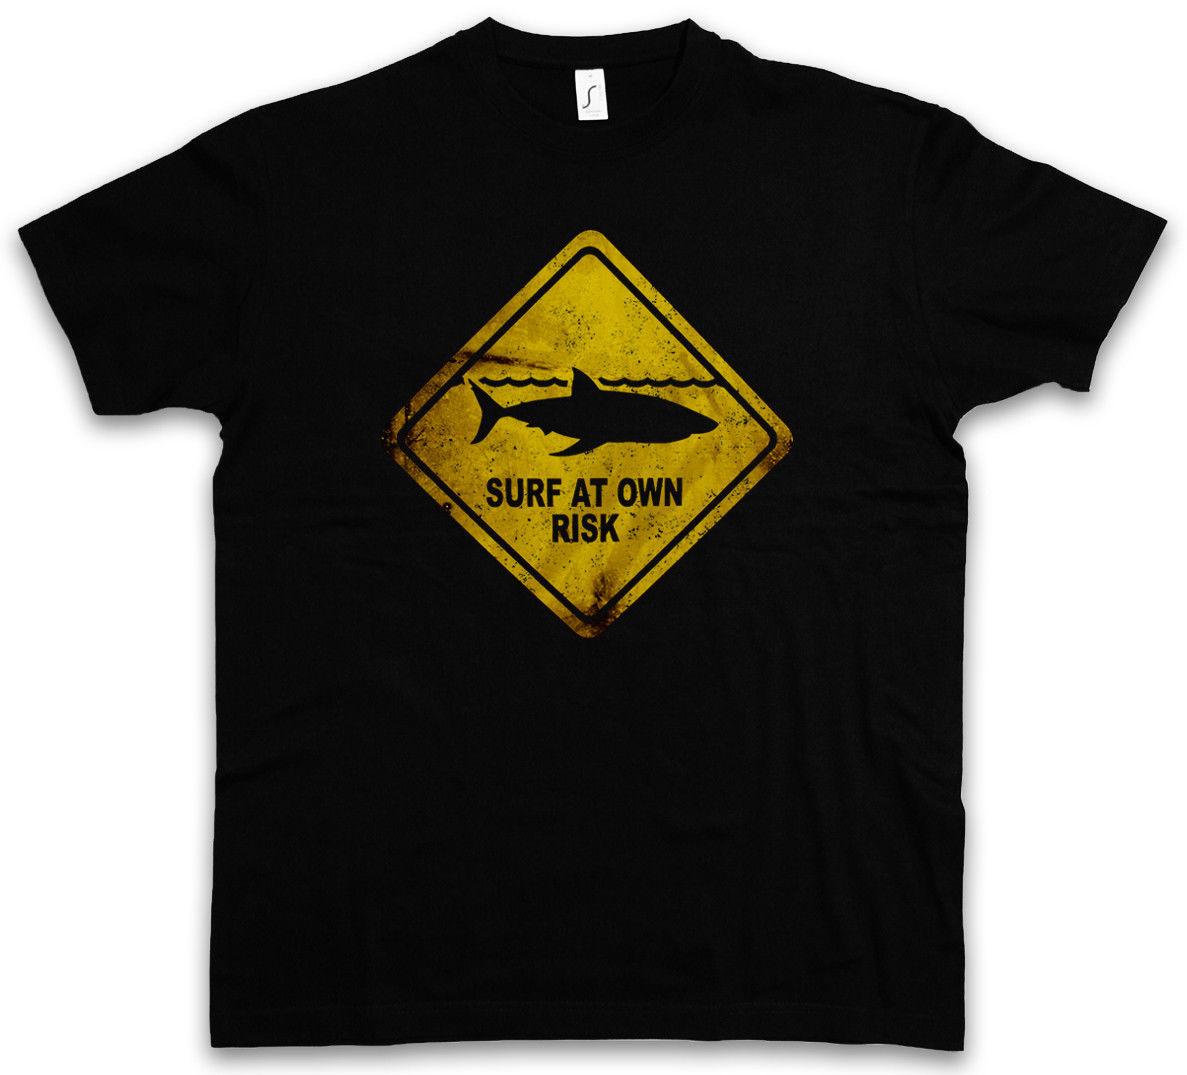 Мужская хлопковая футболка короткий рукав Акула Предупреждение знак майка Surfer Surfinger Diver Taucher челюсти тигр белый убийца